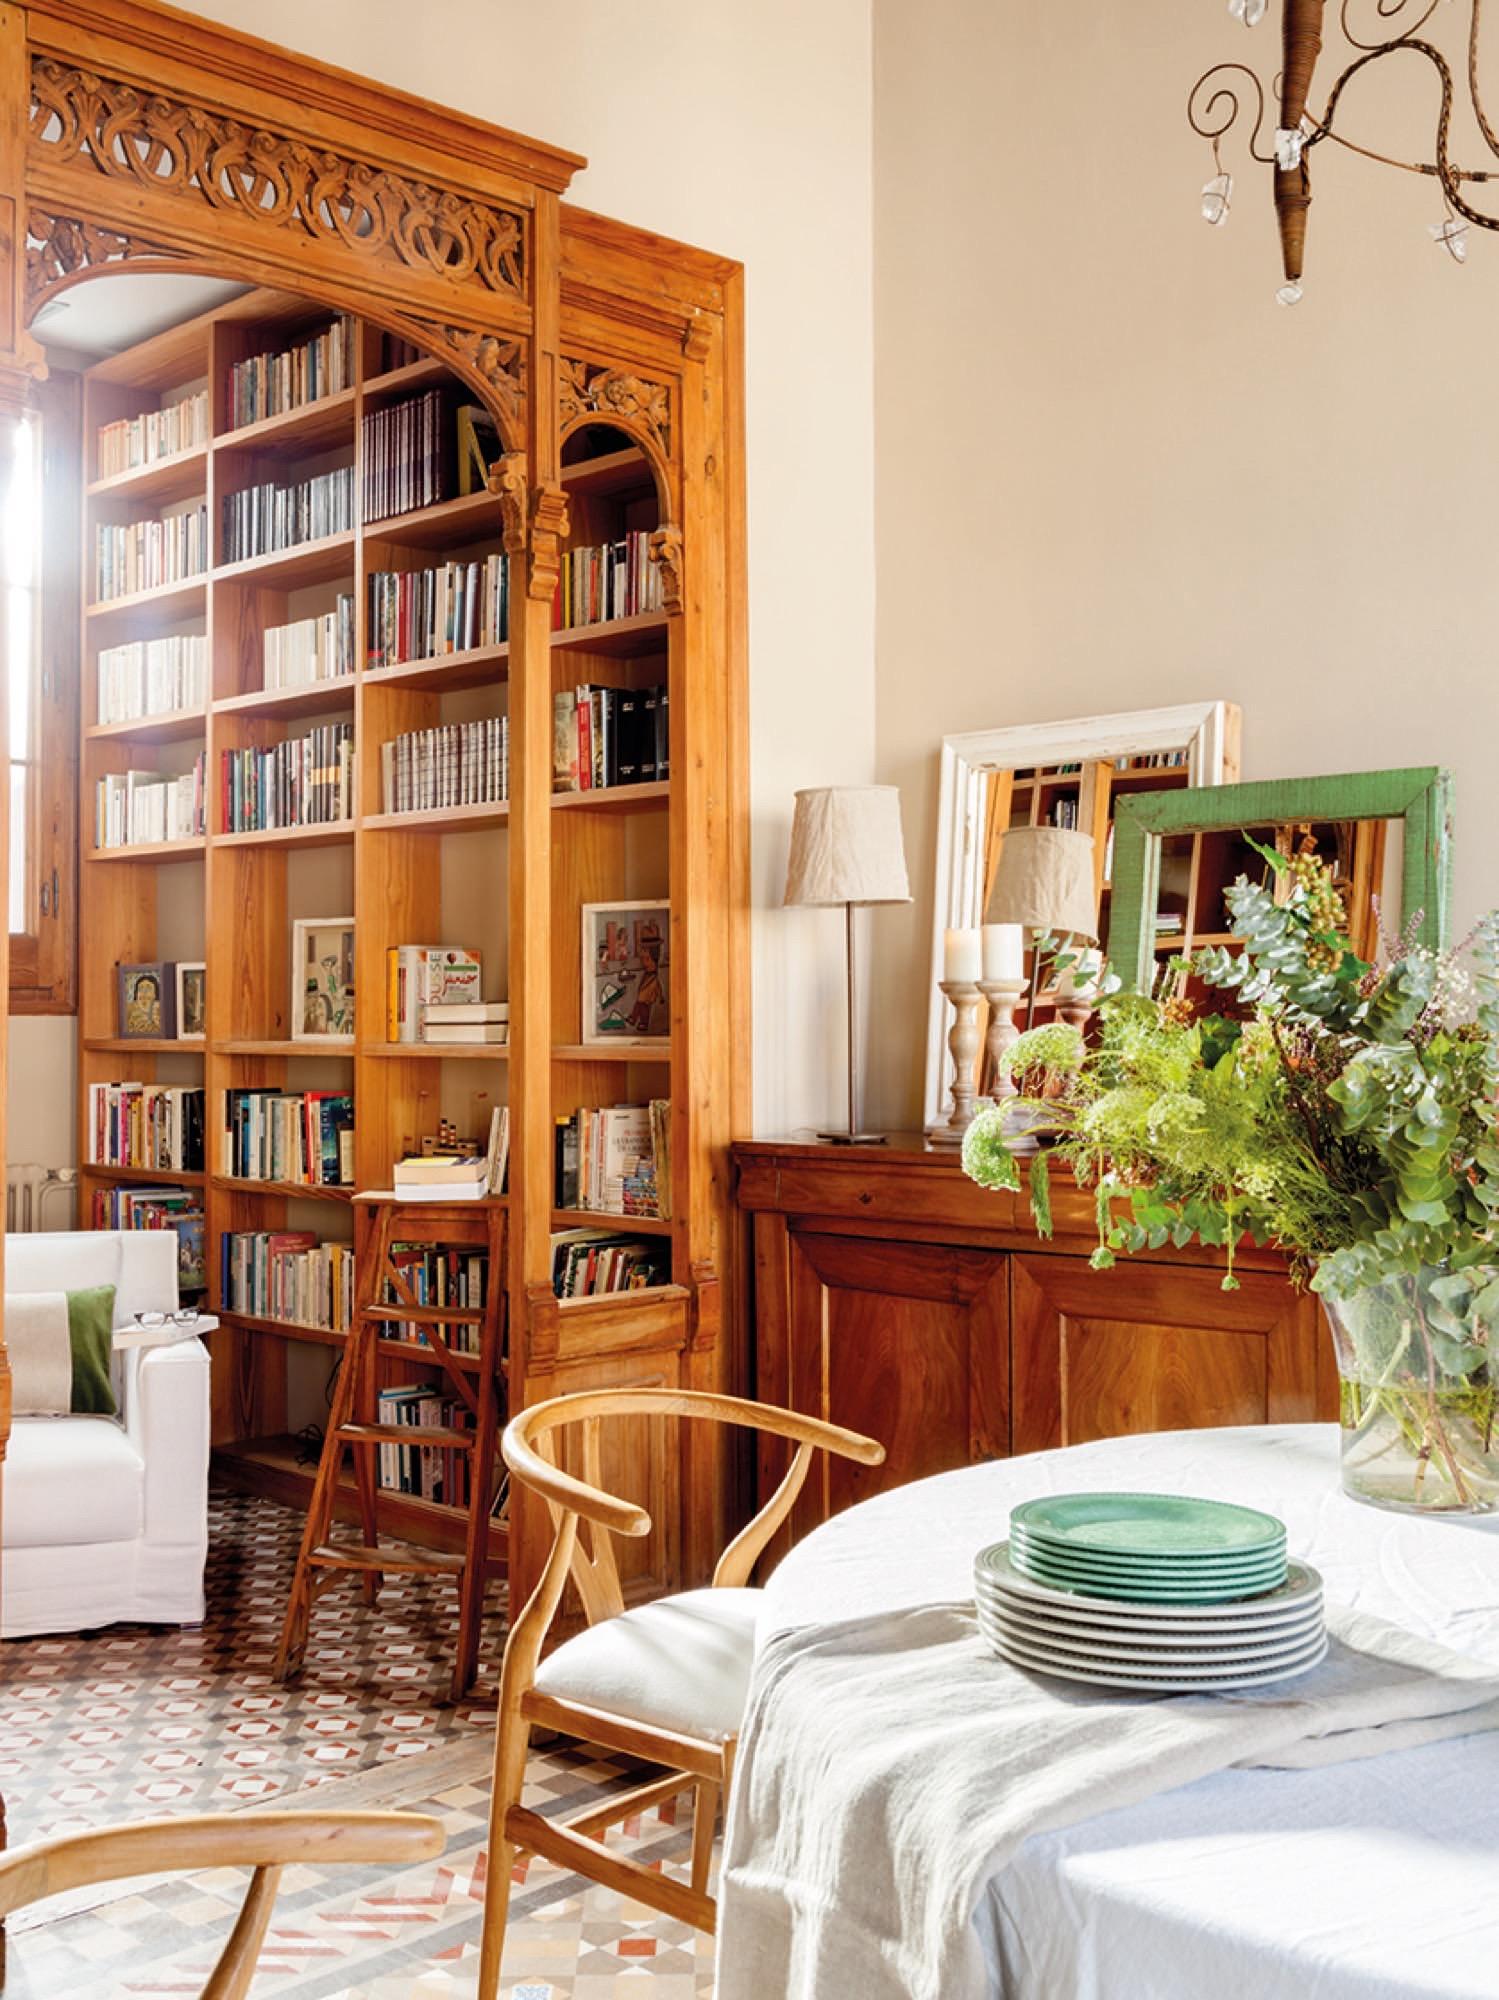 Un Piso En Barcelona Con Suelos De Mosaico # Muebles De Casa Barcelona